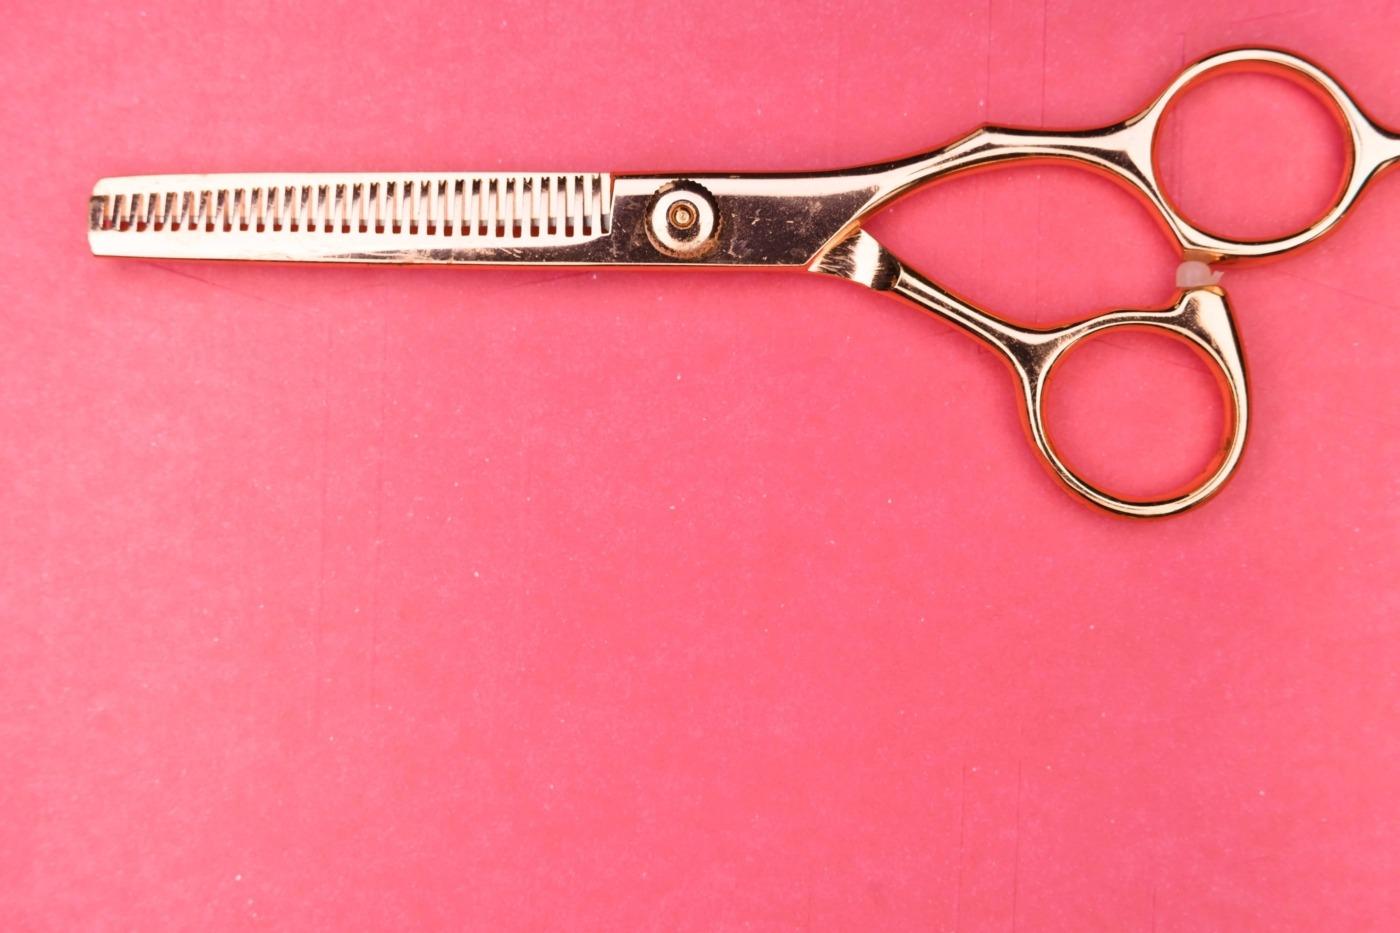 scissors/unsplash